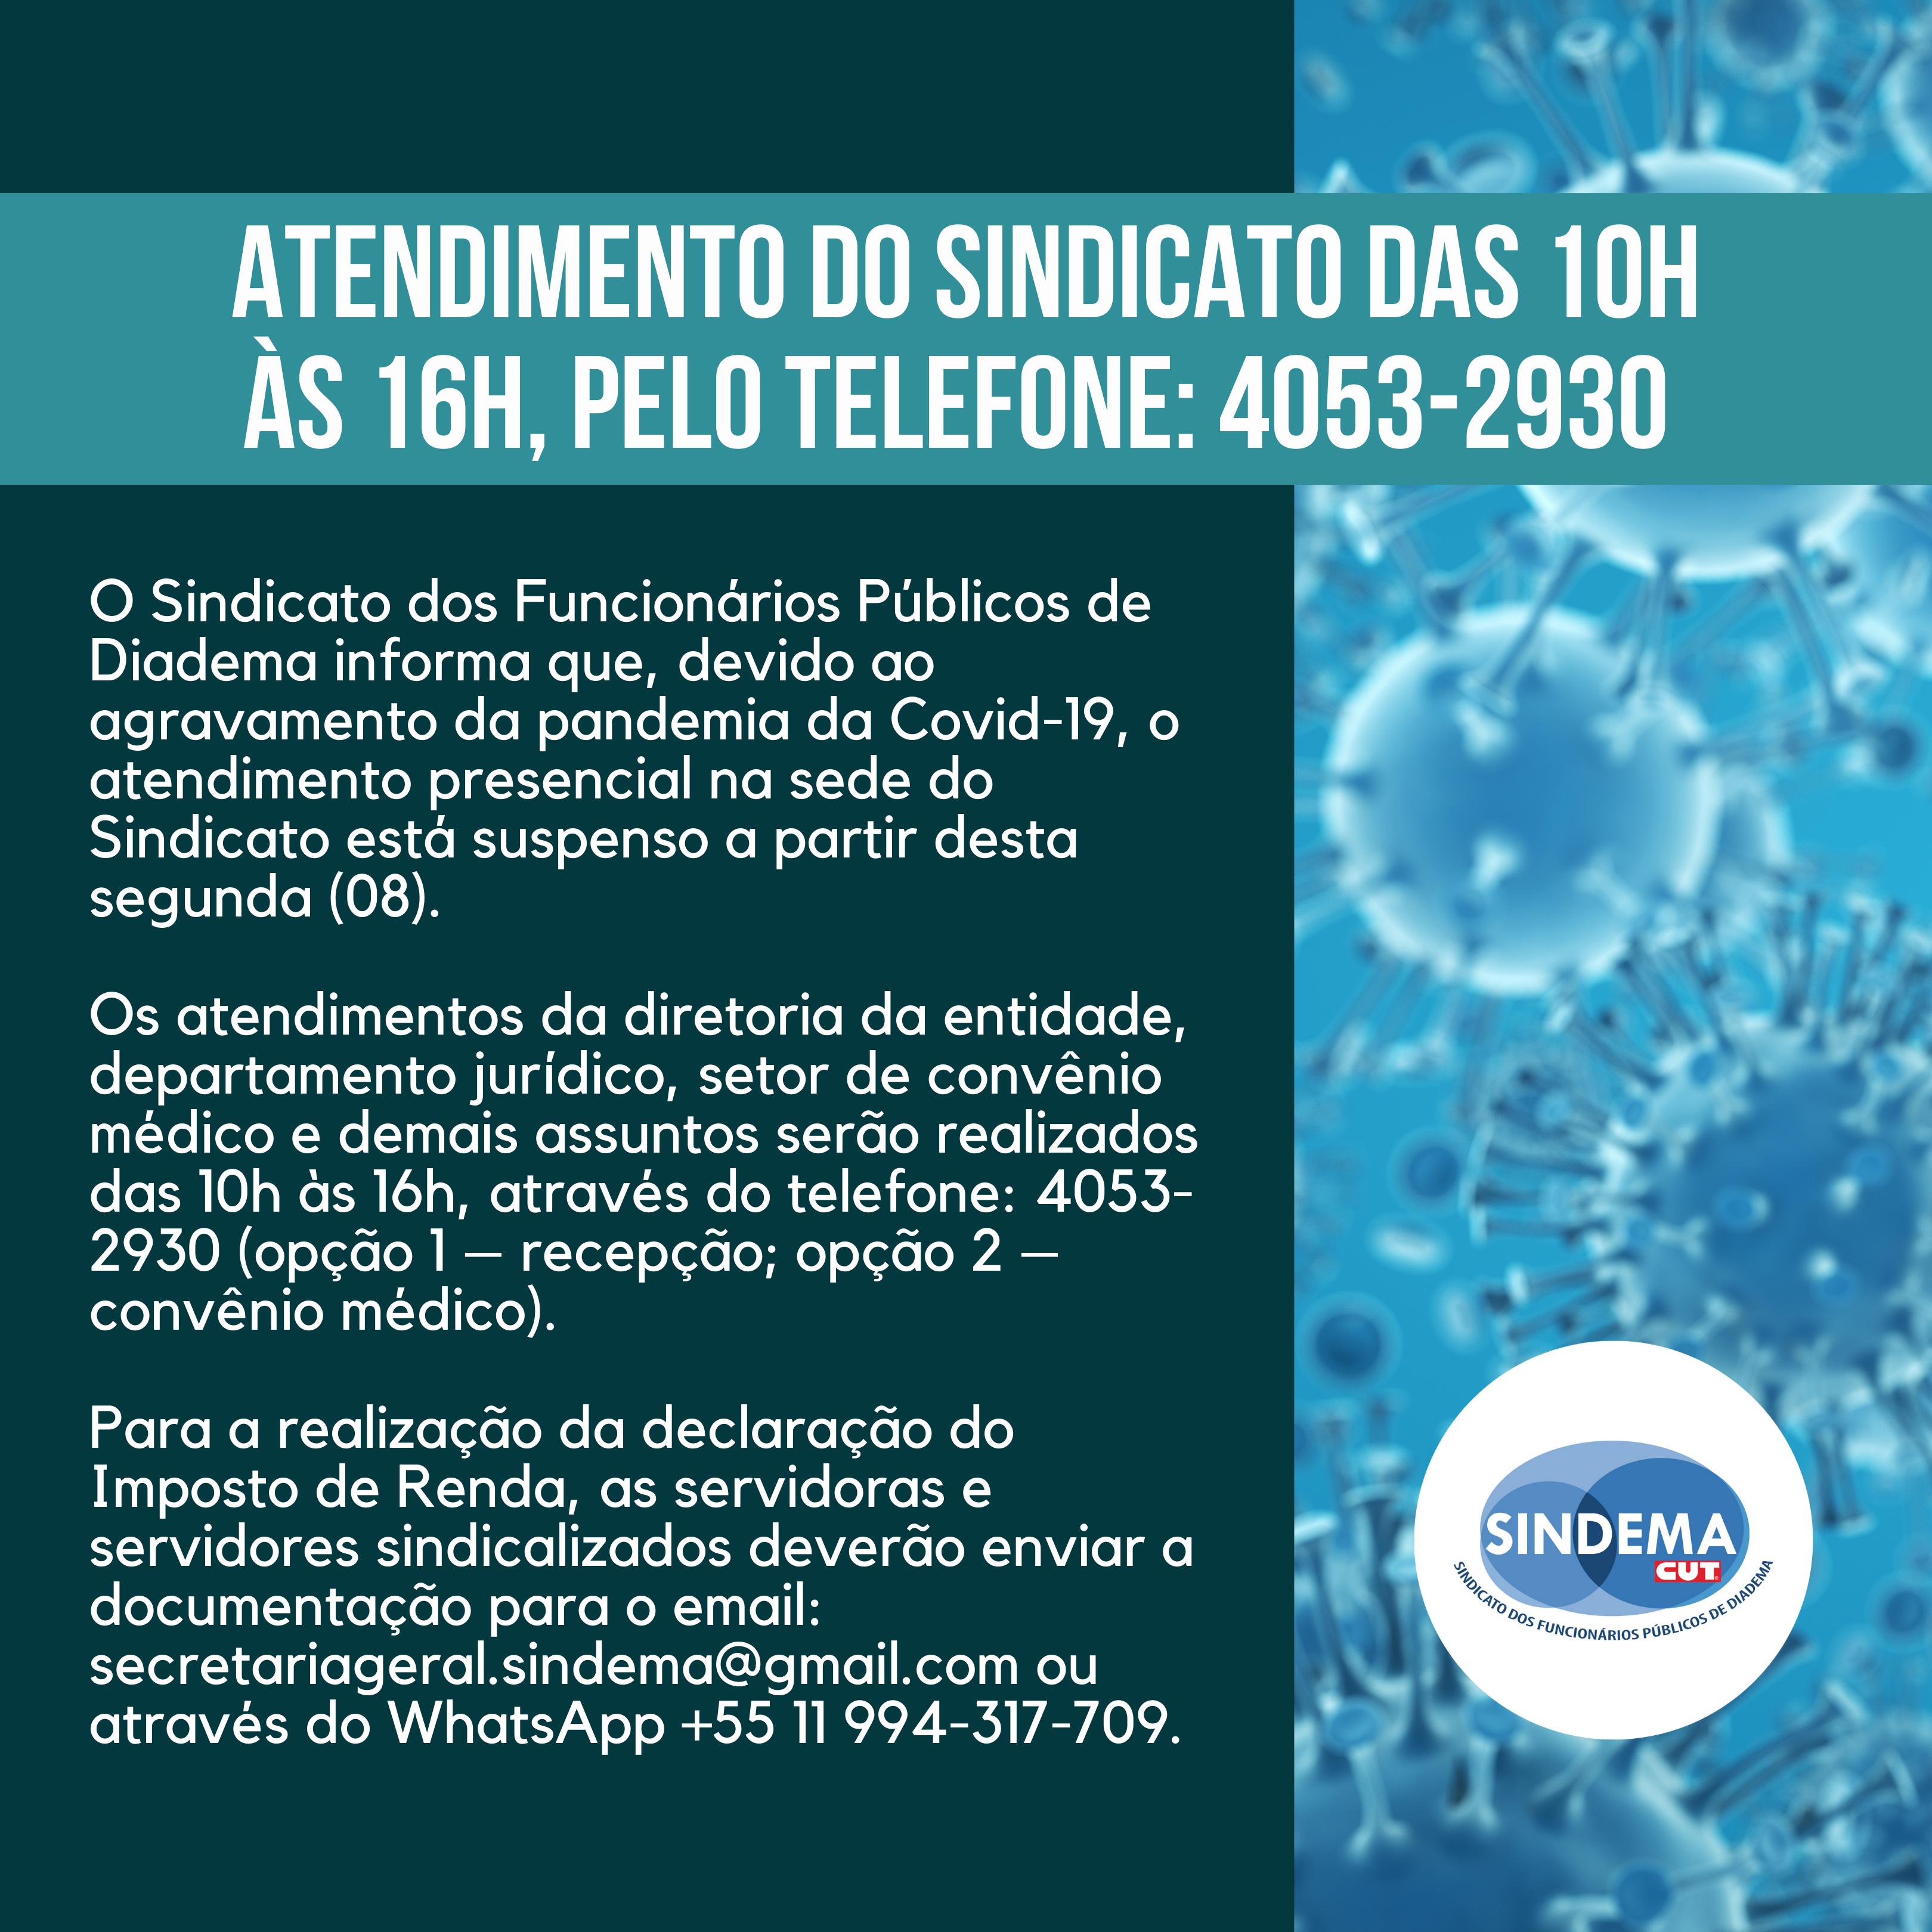 Sede do Sindema estará fechada devido à pandemia. Atendimento será por telefone.